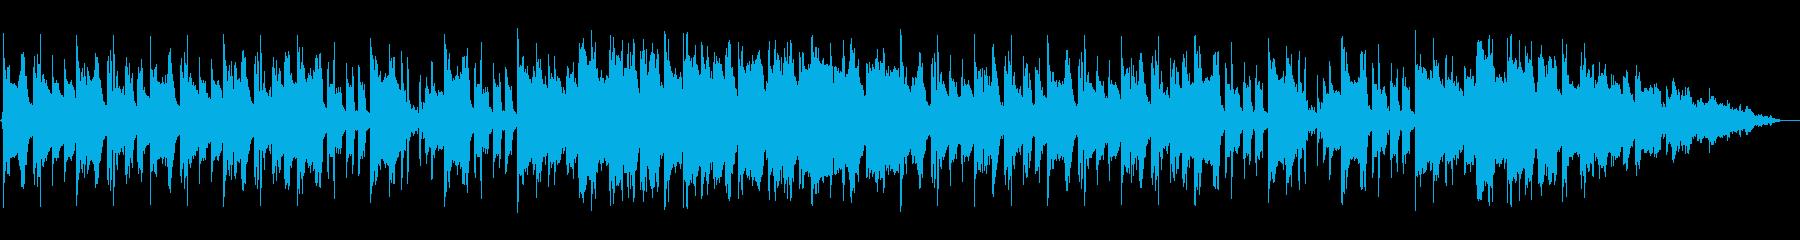 陽気なアイリッシュの再生済みの波形